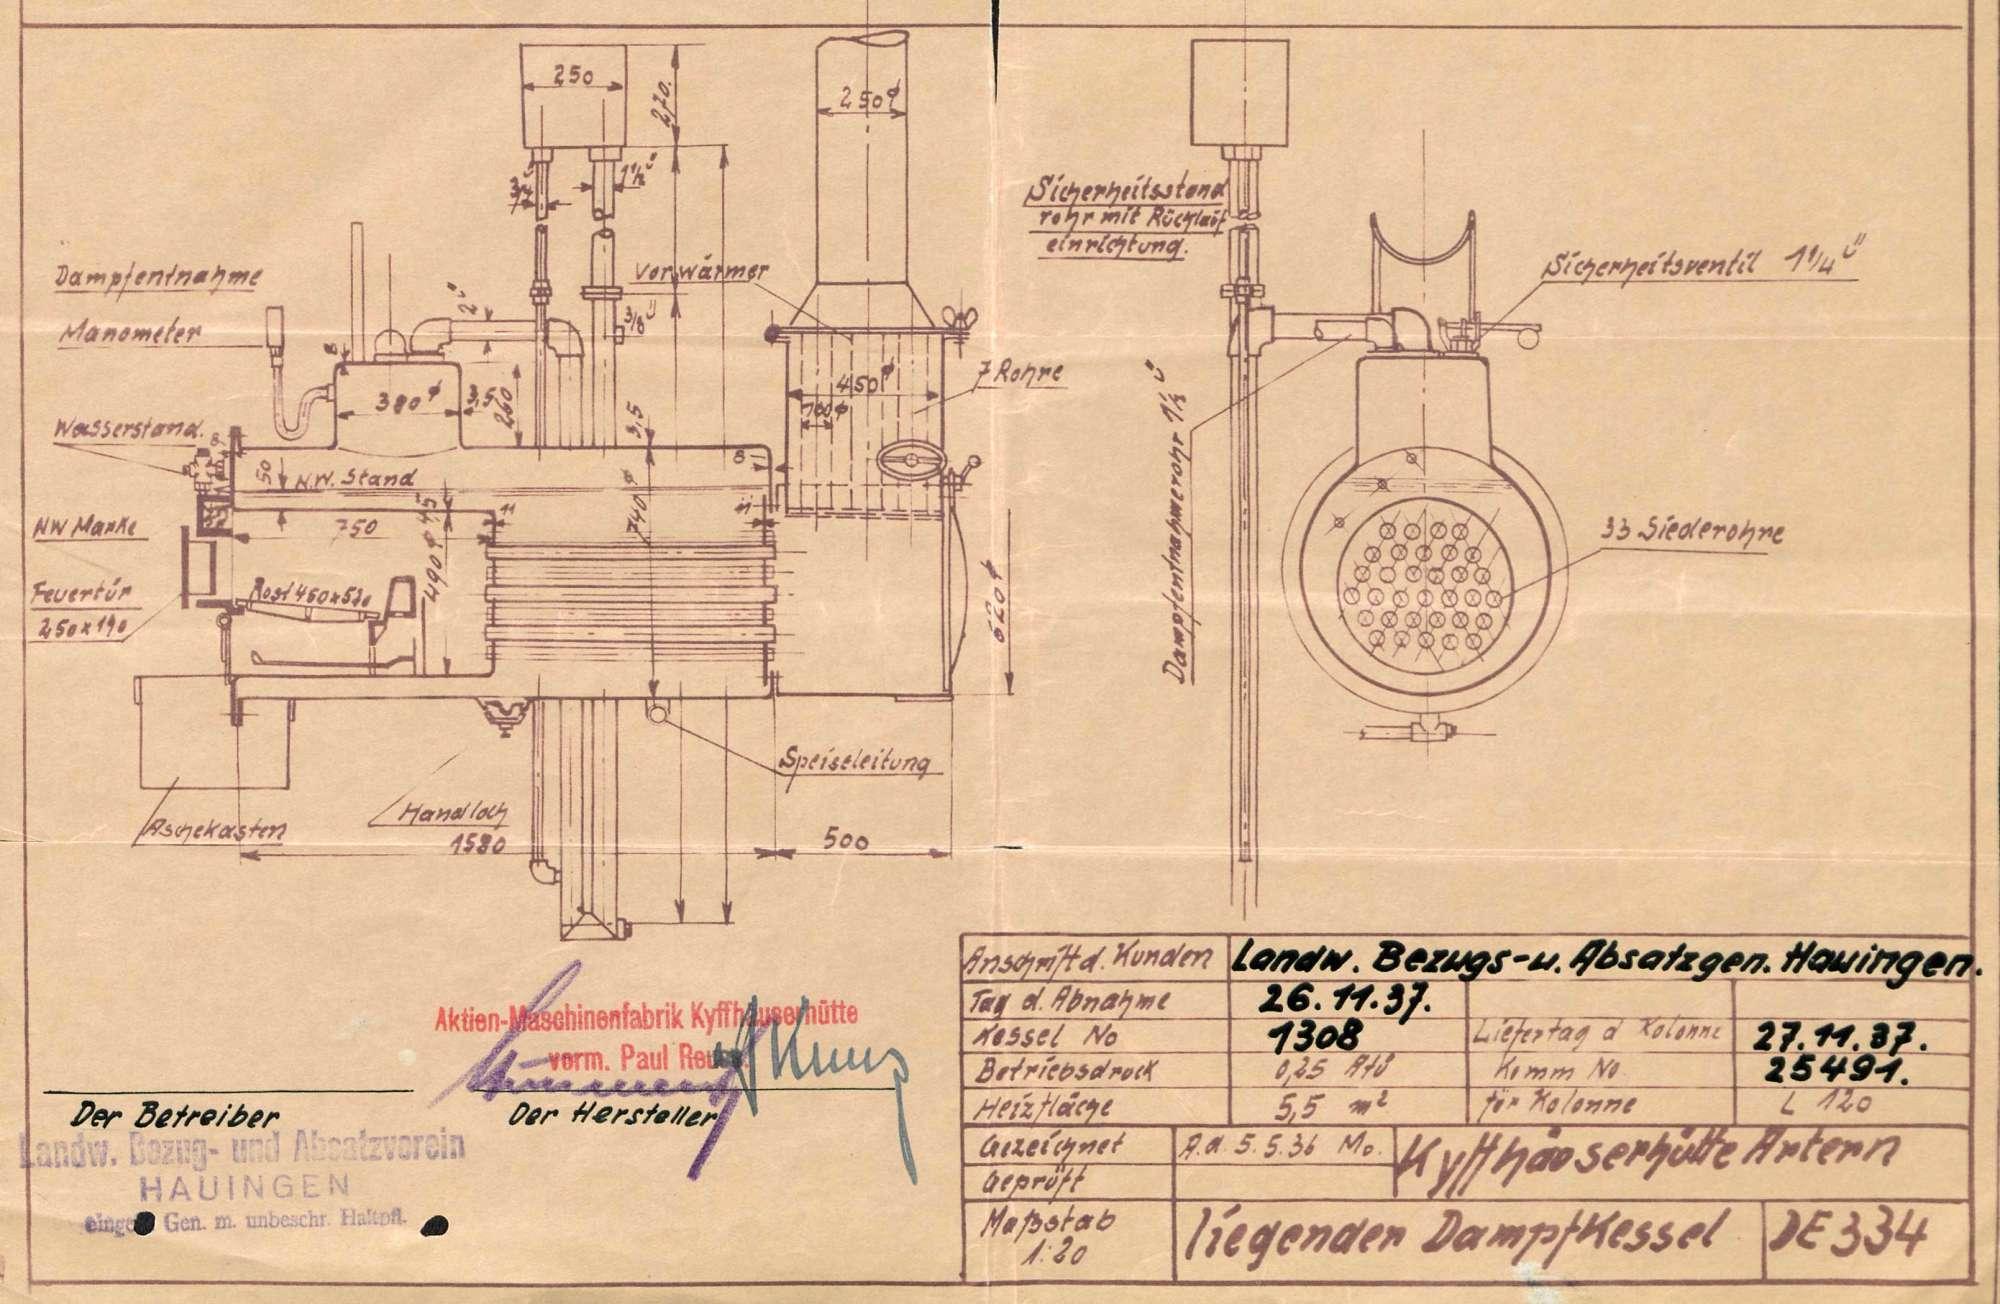 Gesuch um Erlaubnis zur Anlegung eines Dampfkessels beim Landwirtschaftlichen Bezugs- und Absatzverein Hauingen, Bild 1